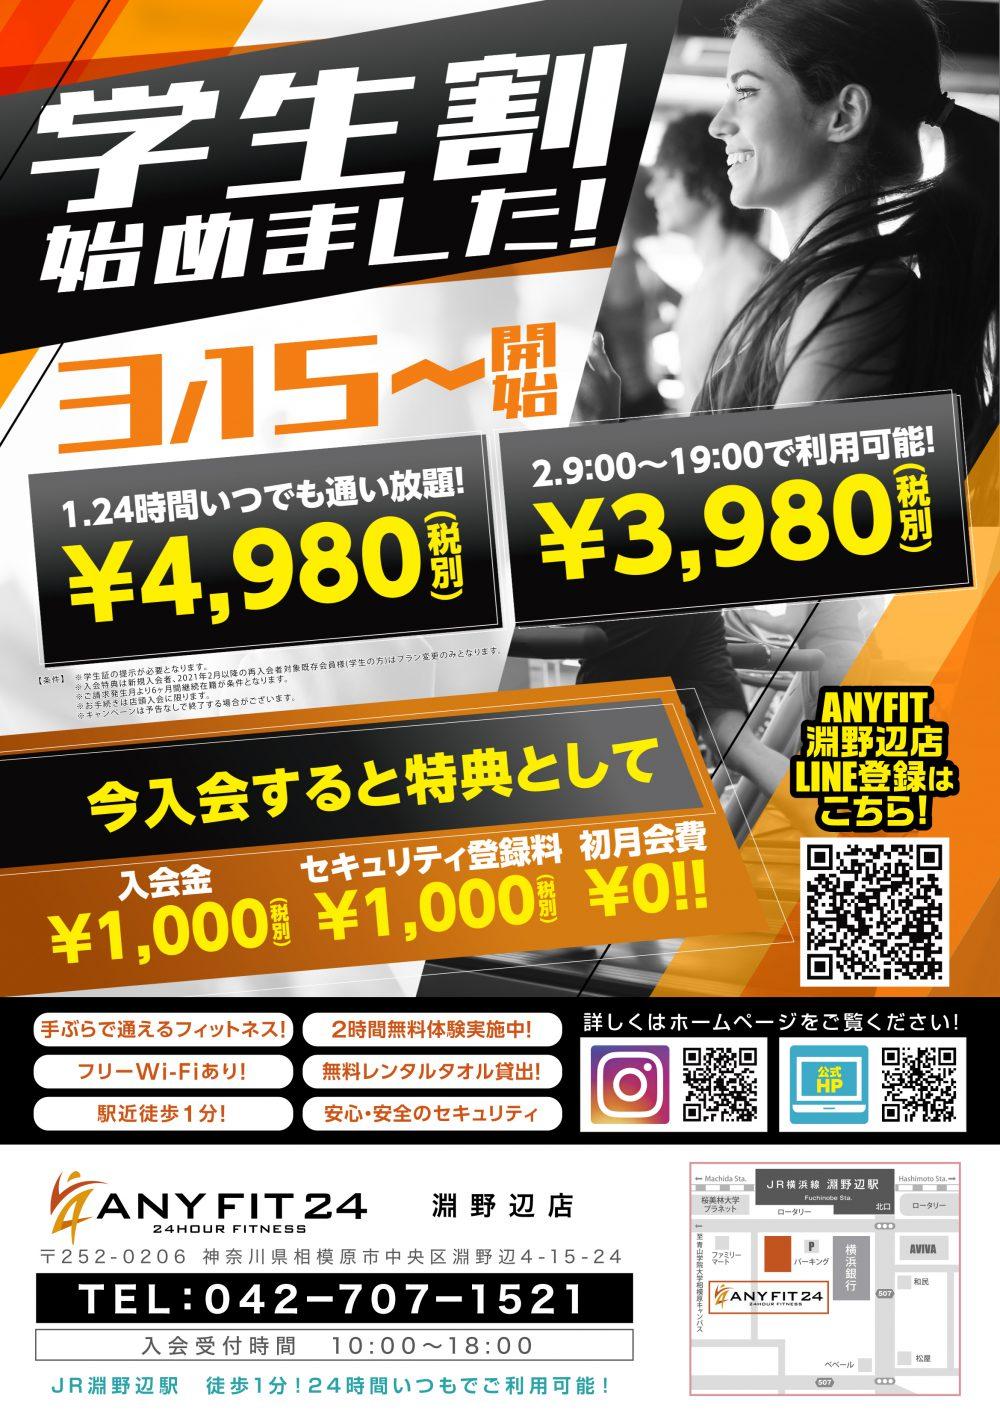 【淵野辺店】学生割プランスタート!(3/15~)